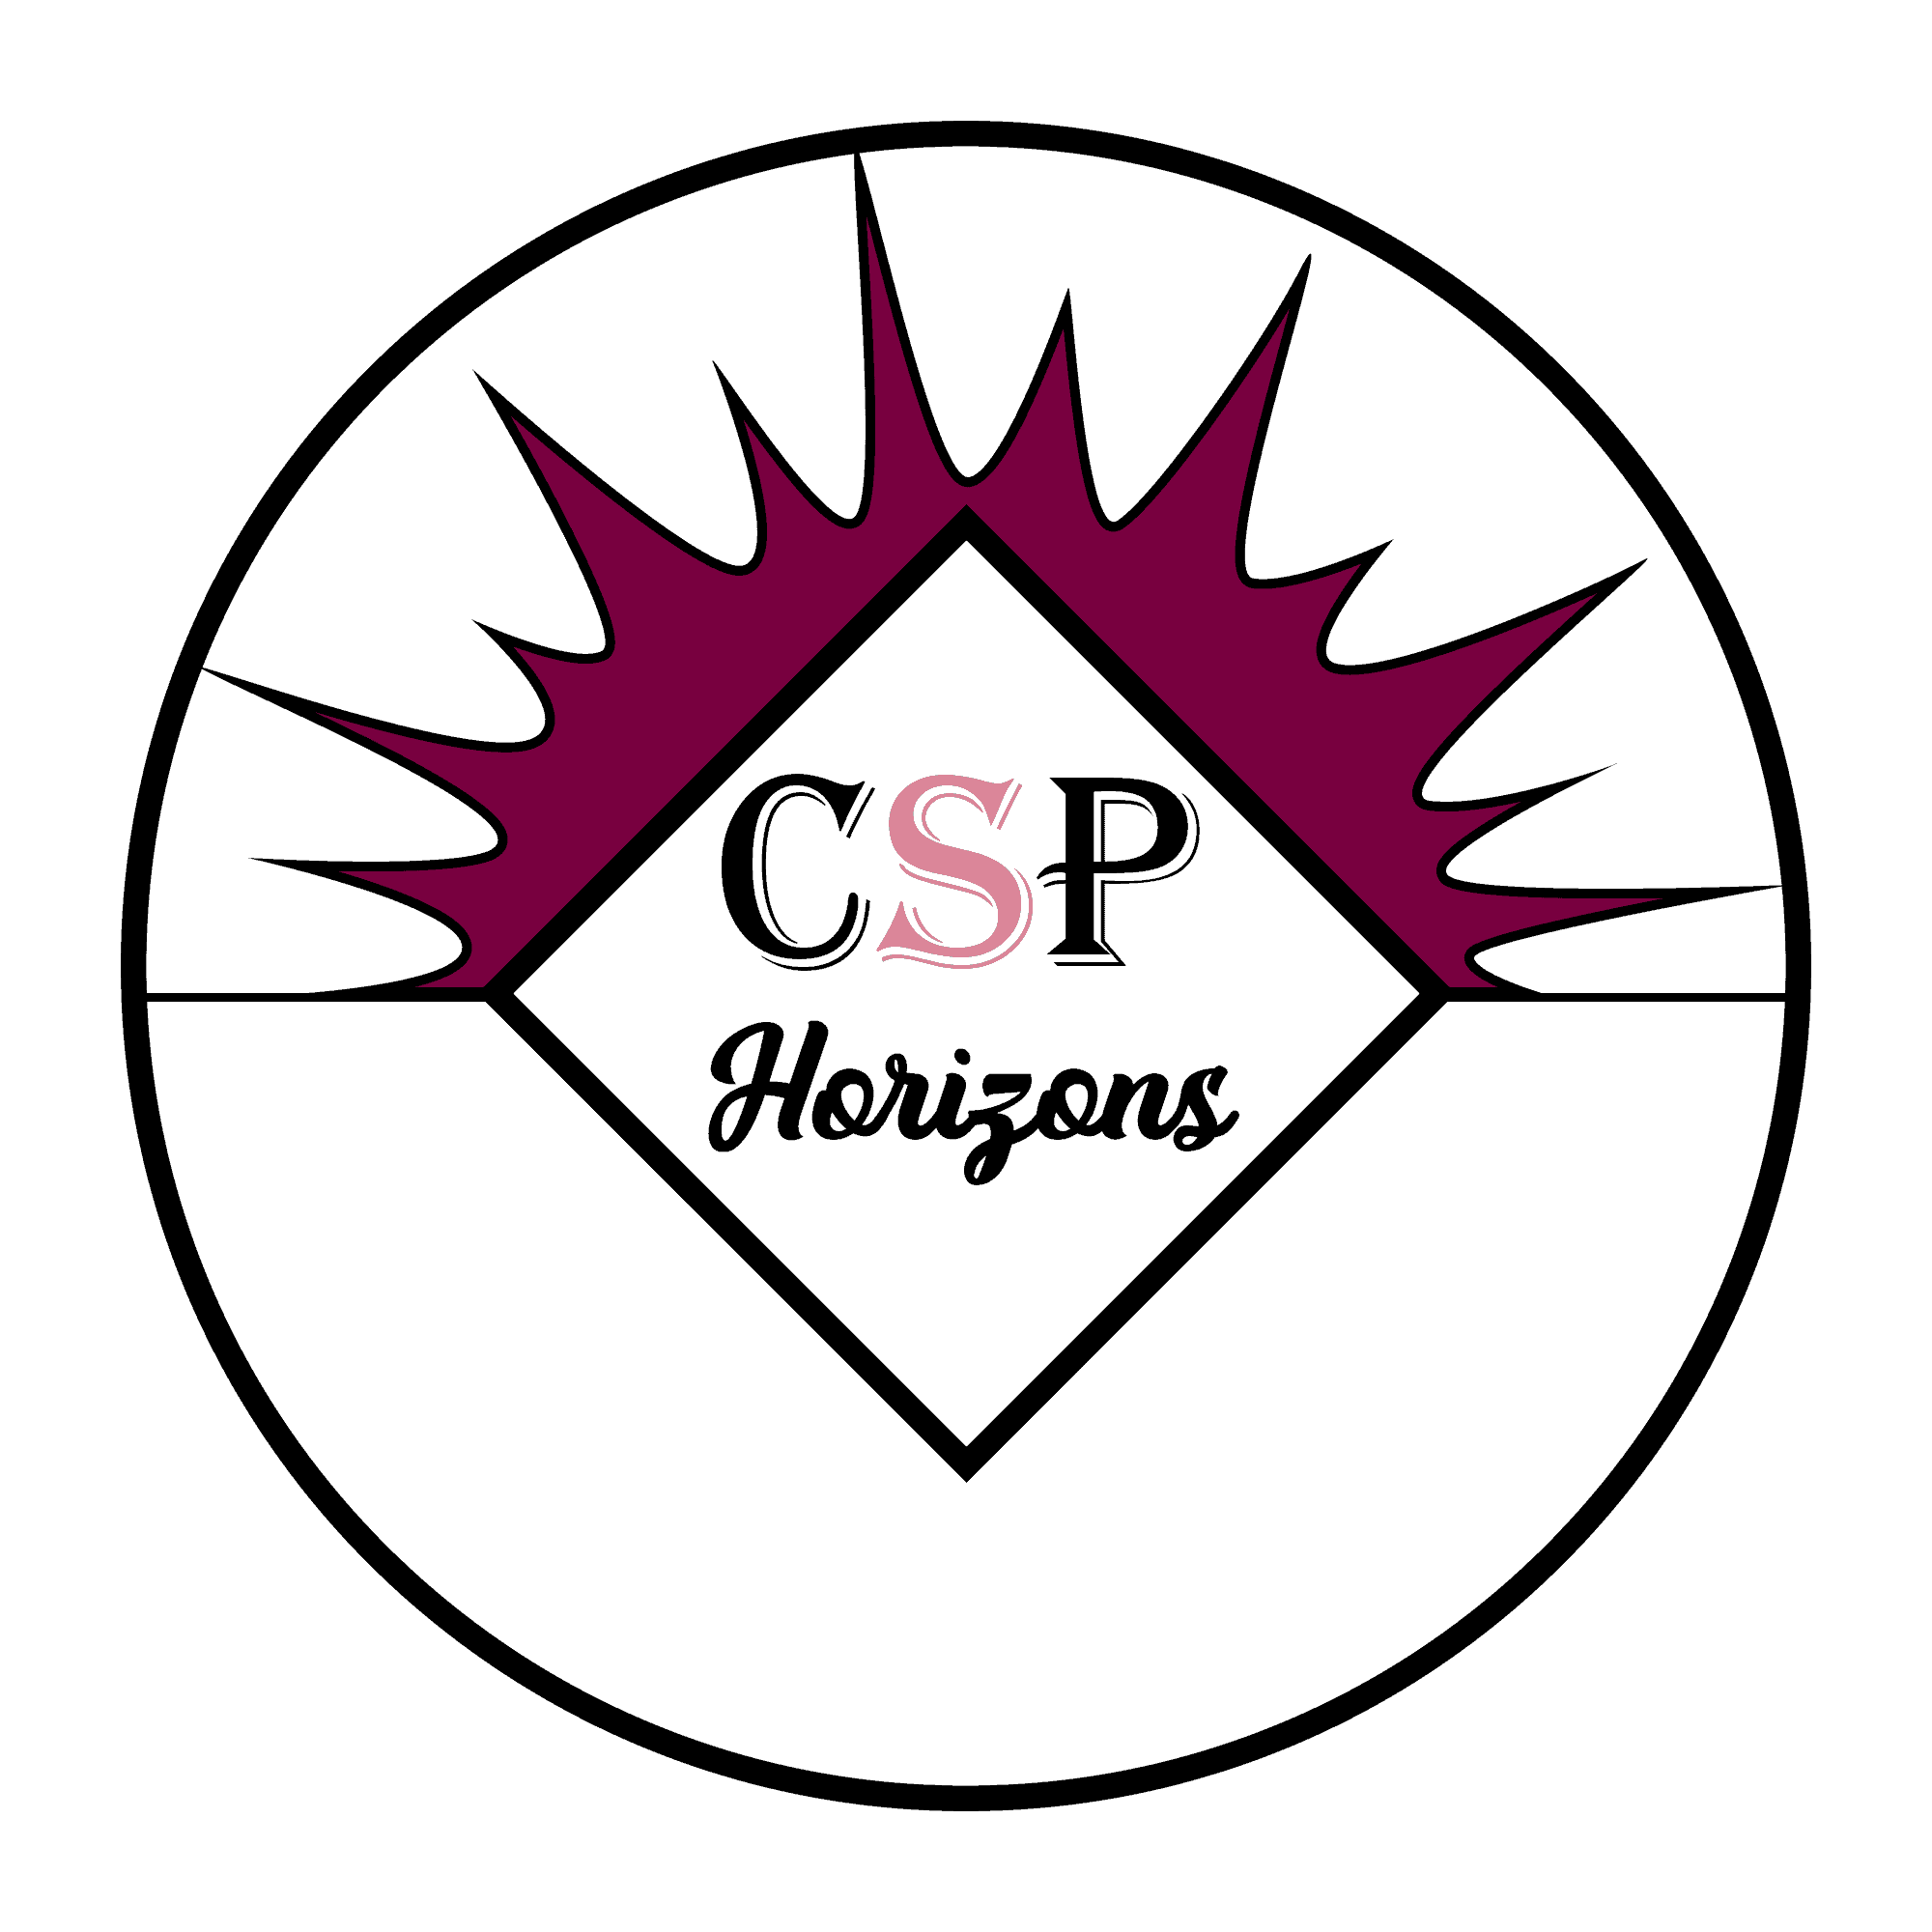 CSP Horizons